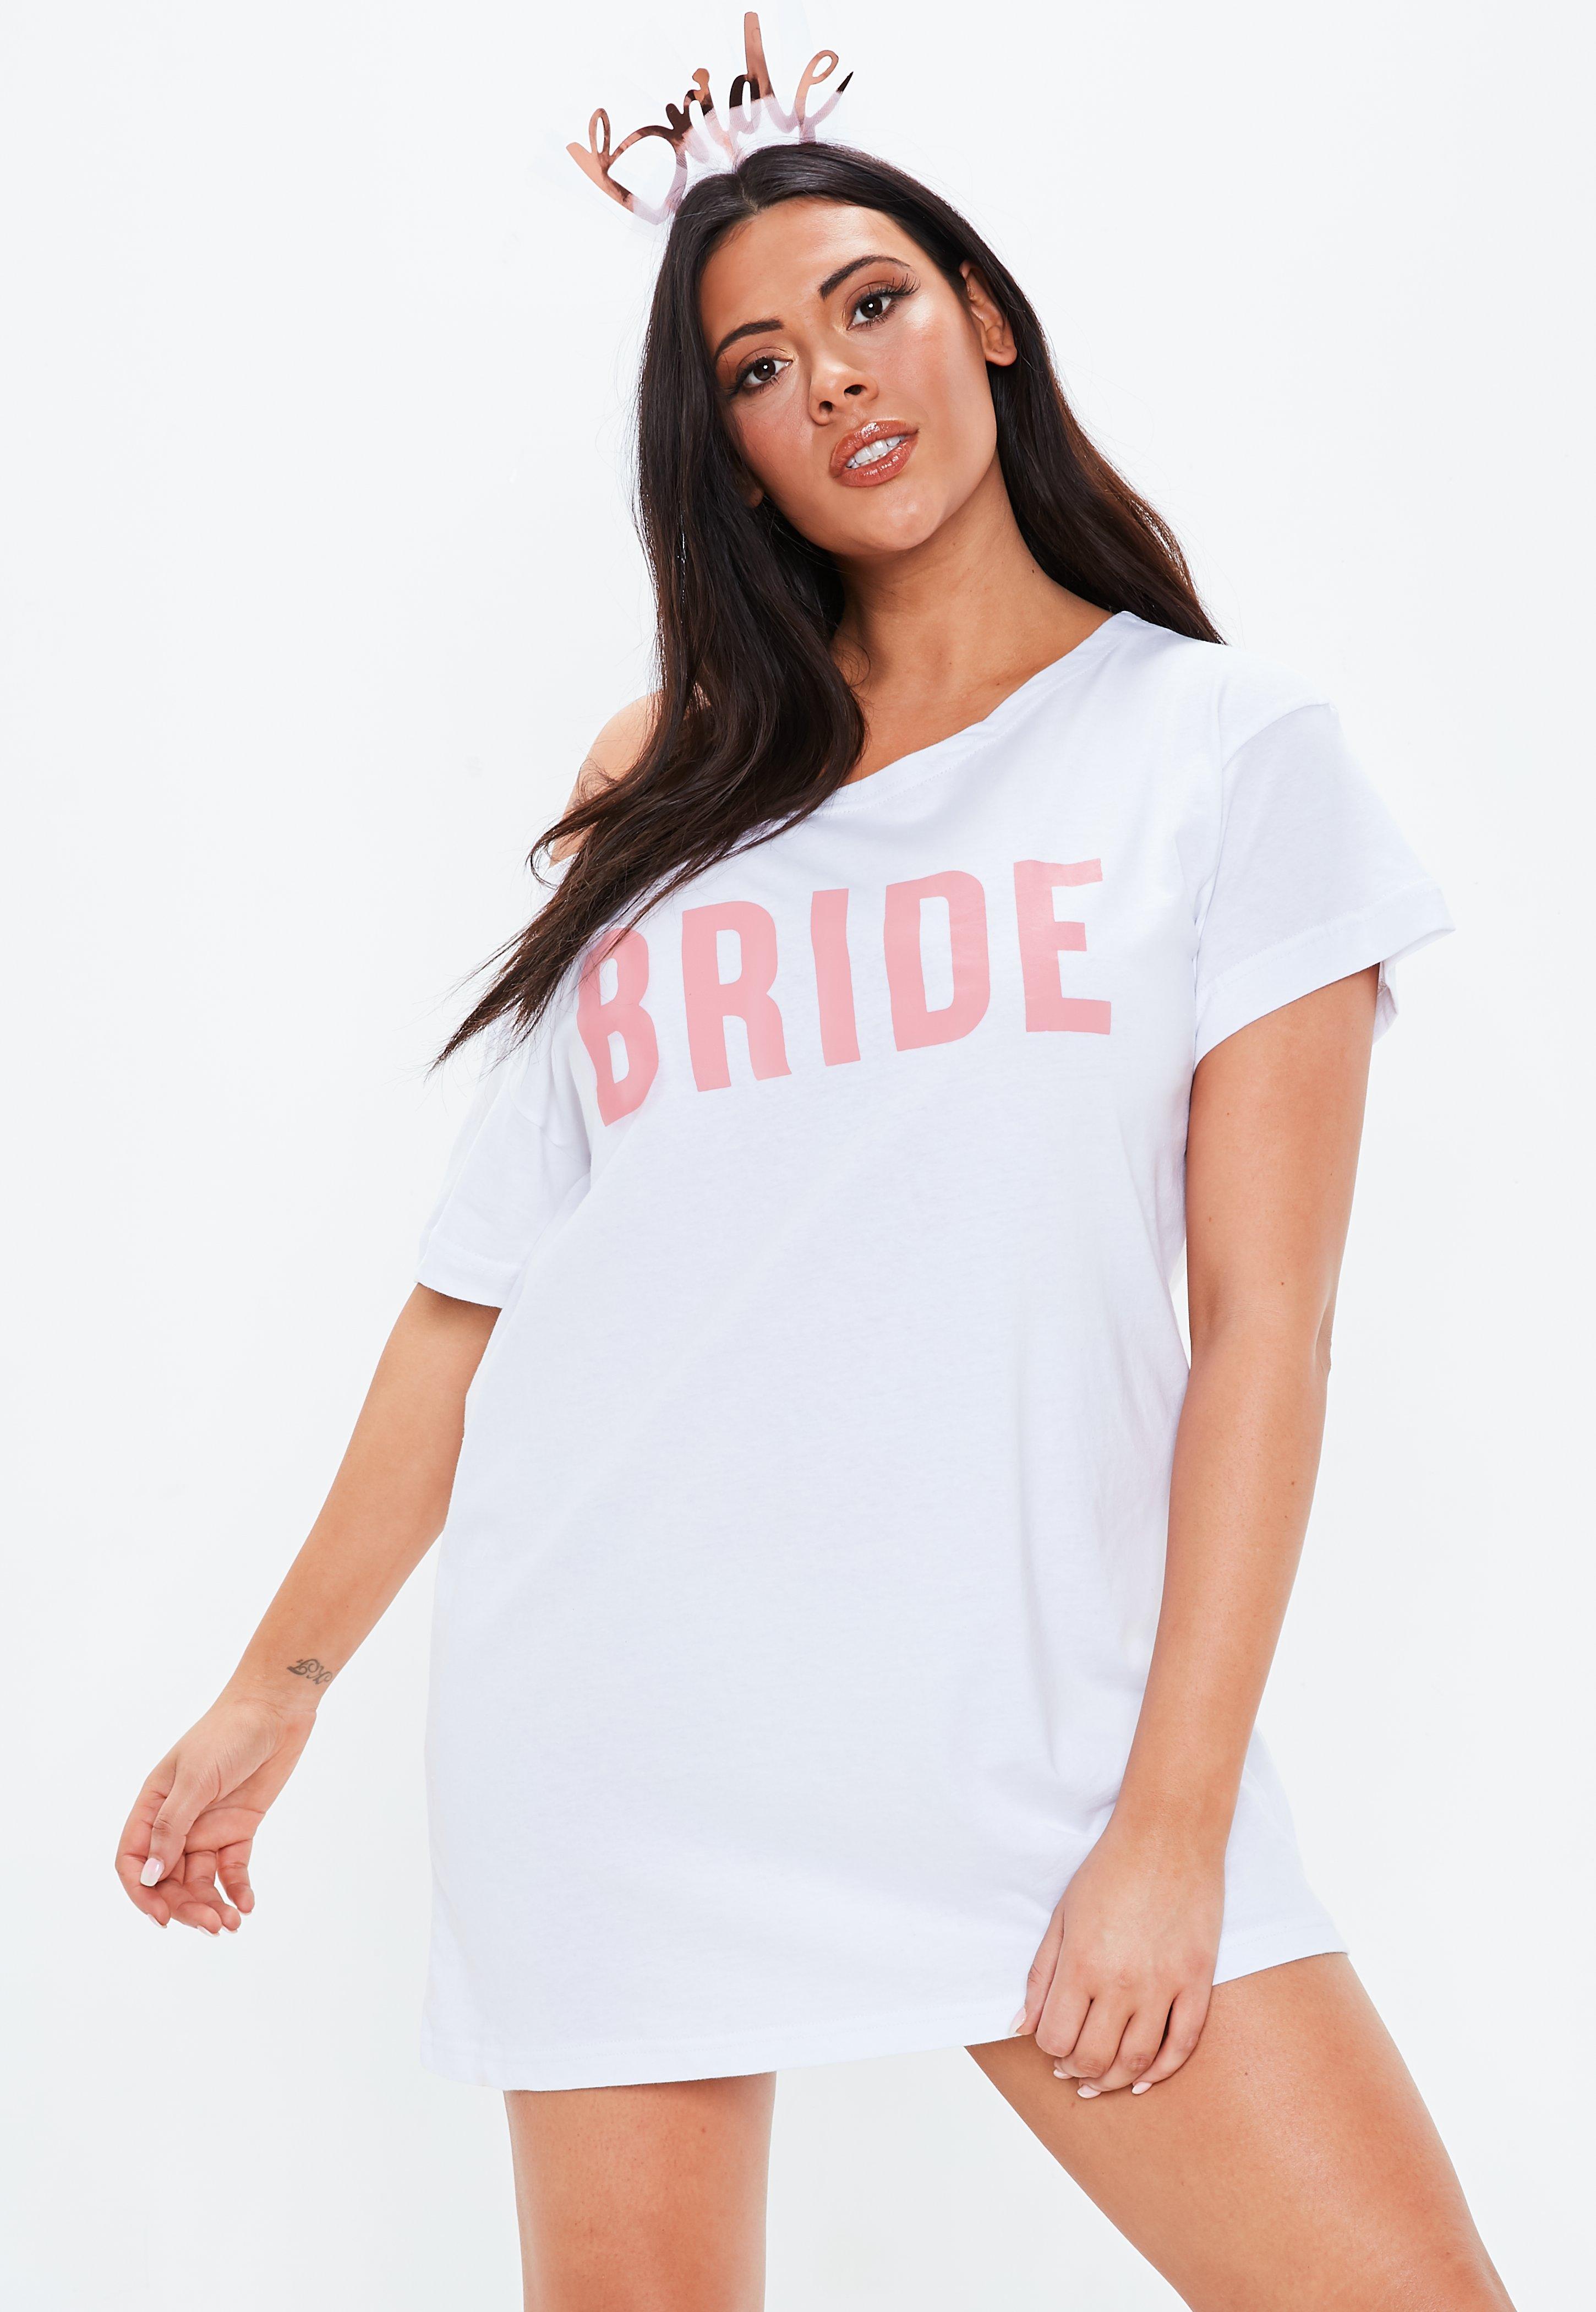 61bc6e07fbb Women s Sleepwear - Sleep Wear for Women